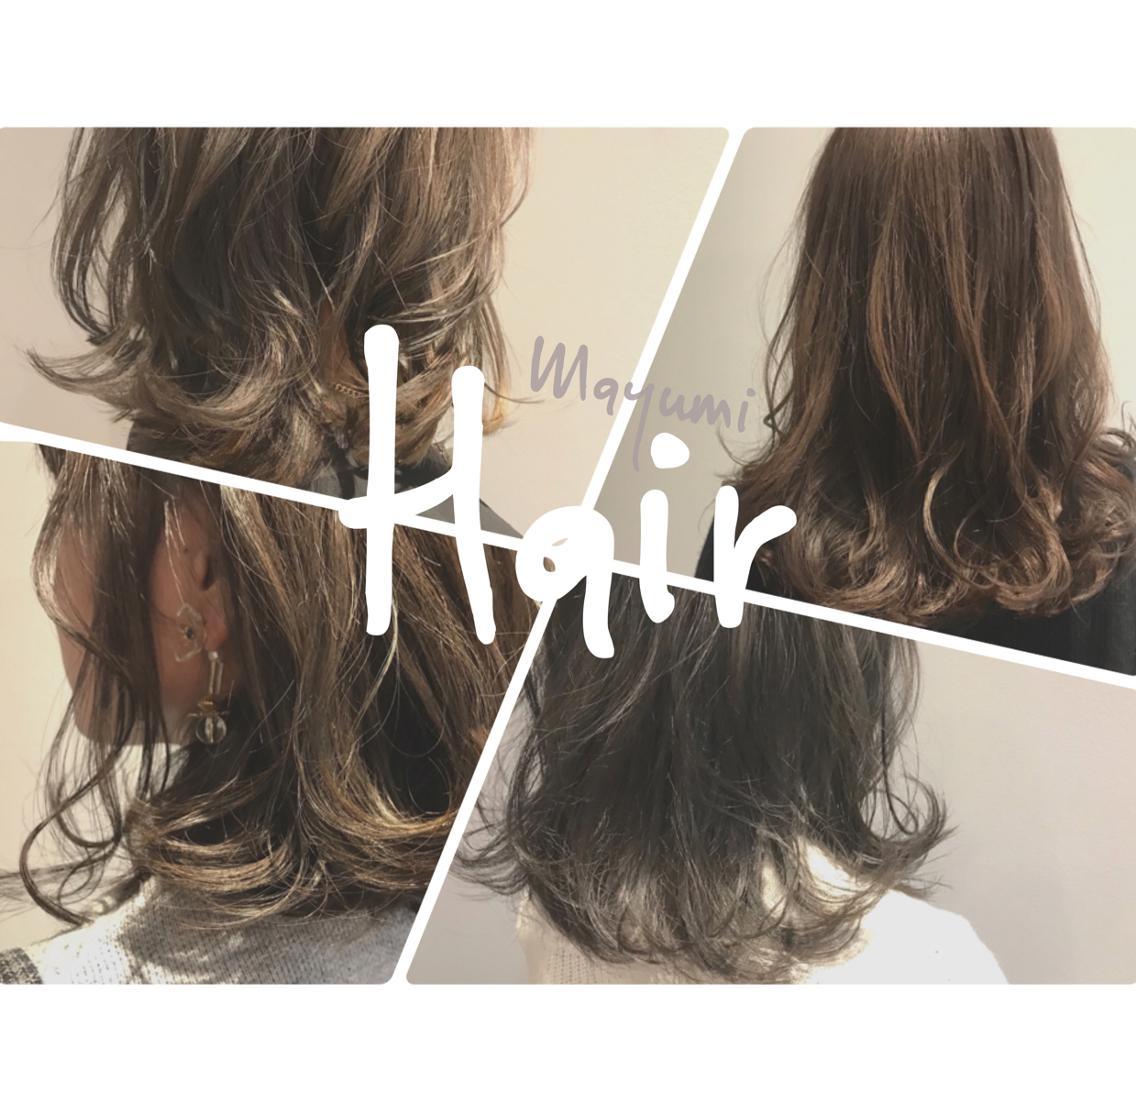 Luxy HAIR RESORT所属・なかにしまゆみの掲載